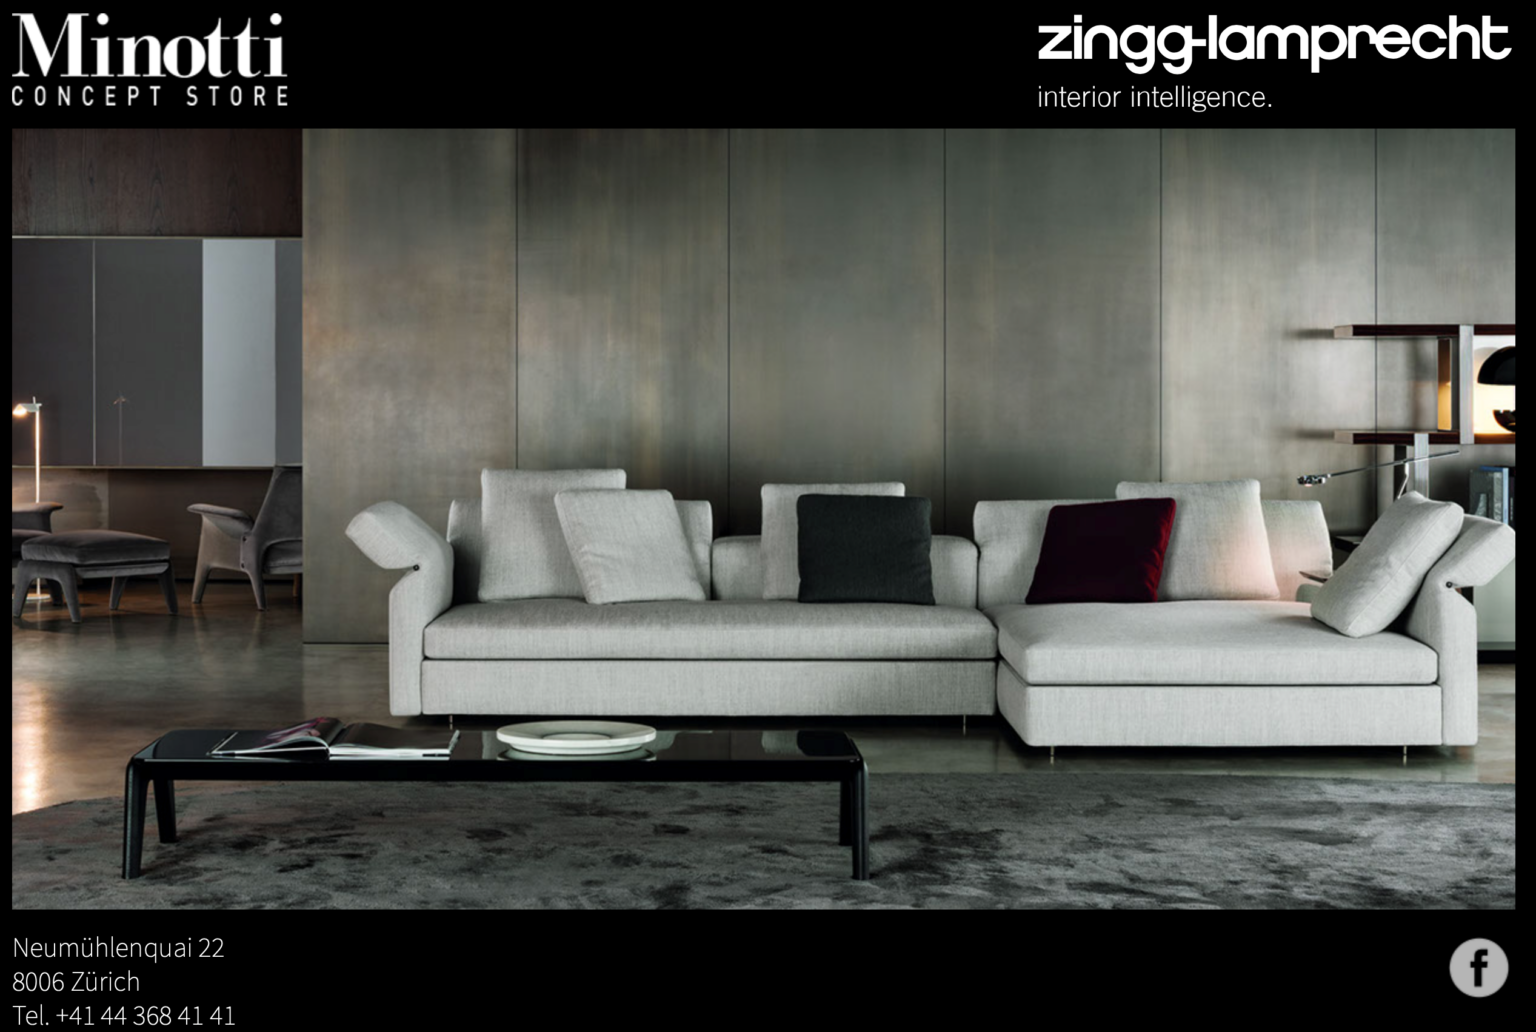 Minotti Concept Store